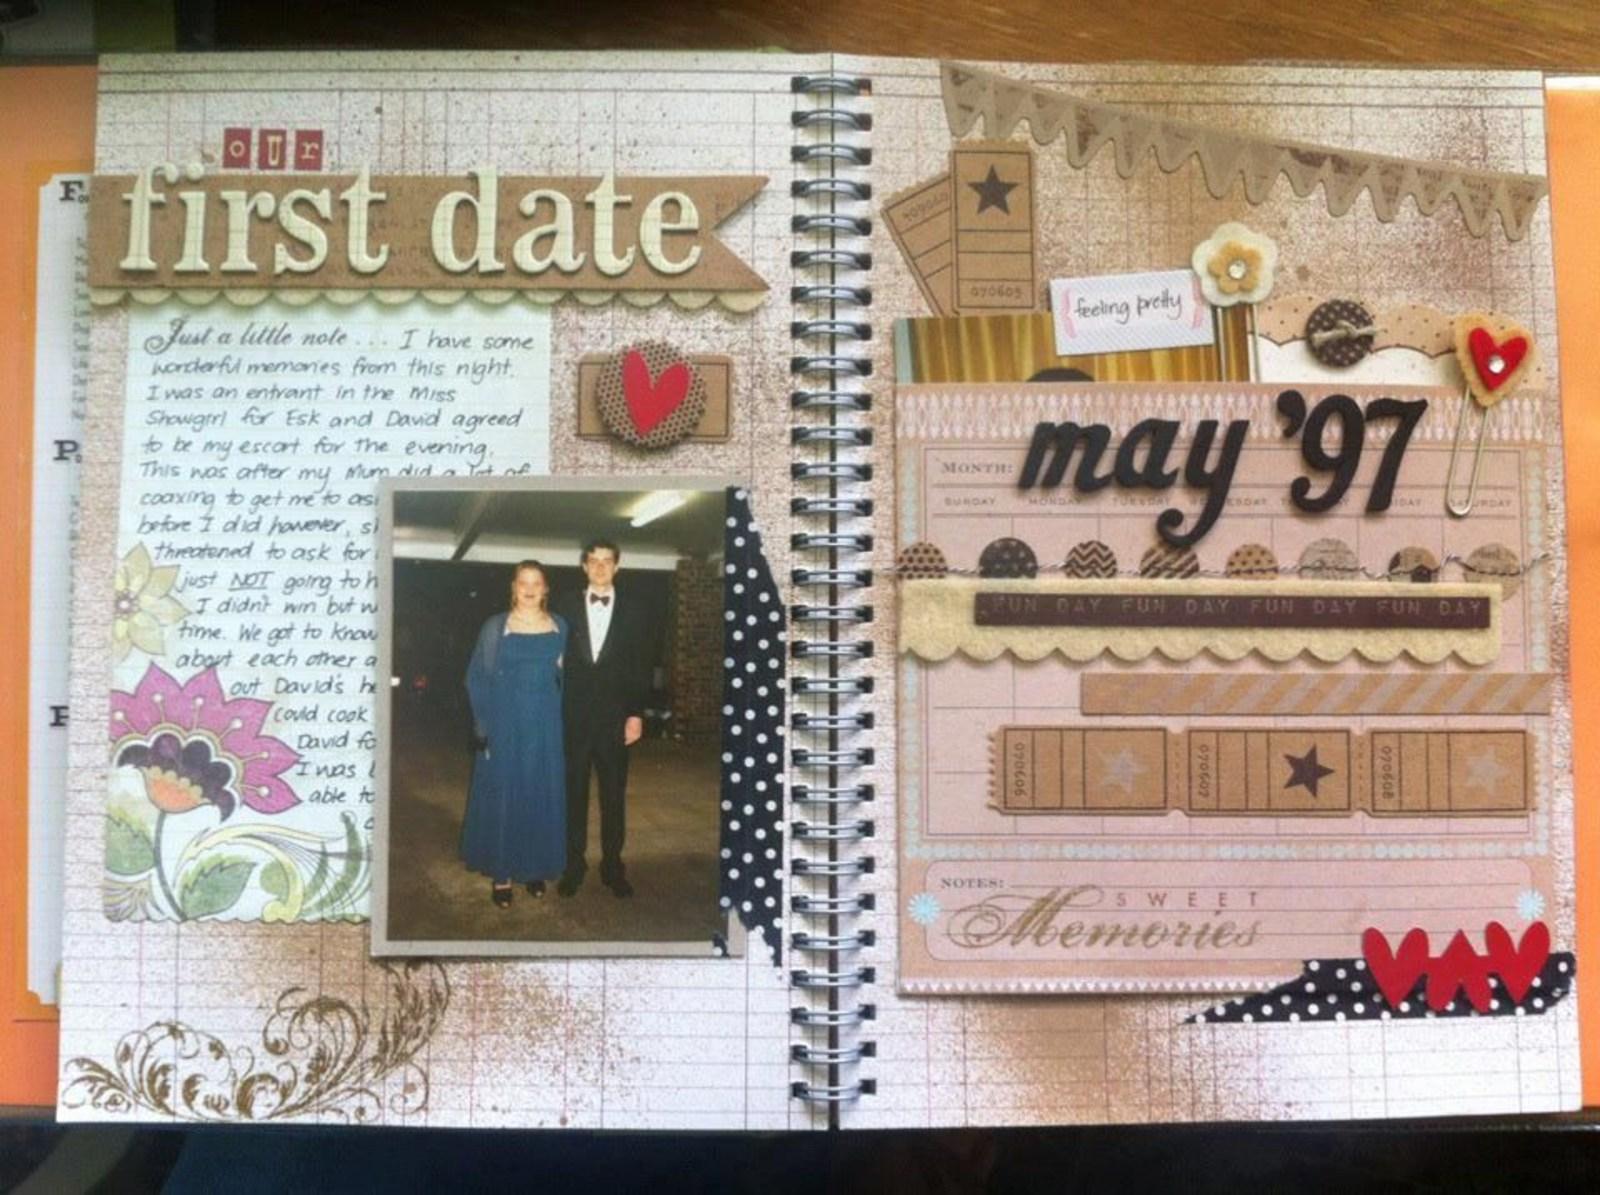 Creative Relationship Scrapbook Ideas Best 45 Couple Scrapbook Hd Wallpapers Sketchbest